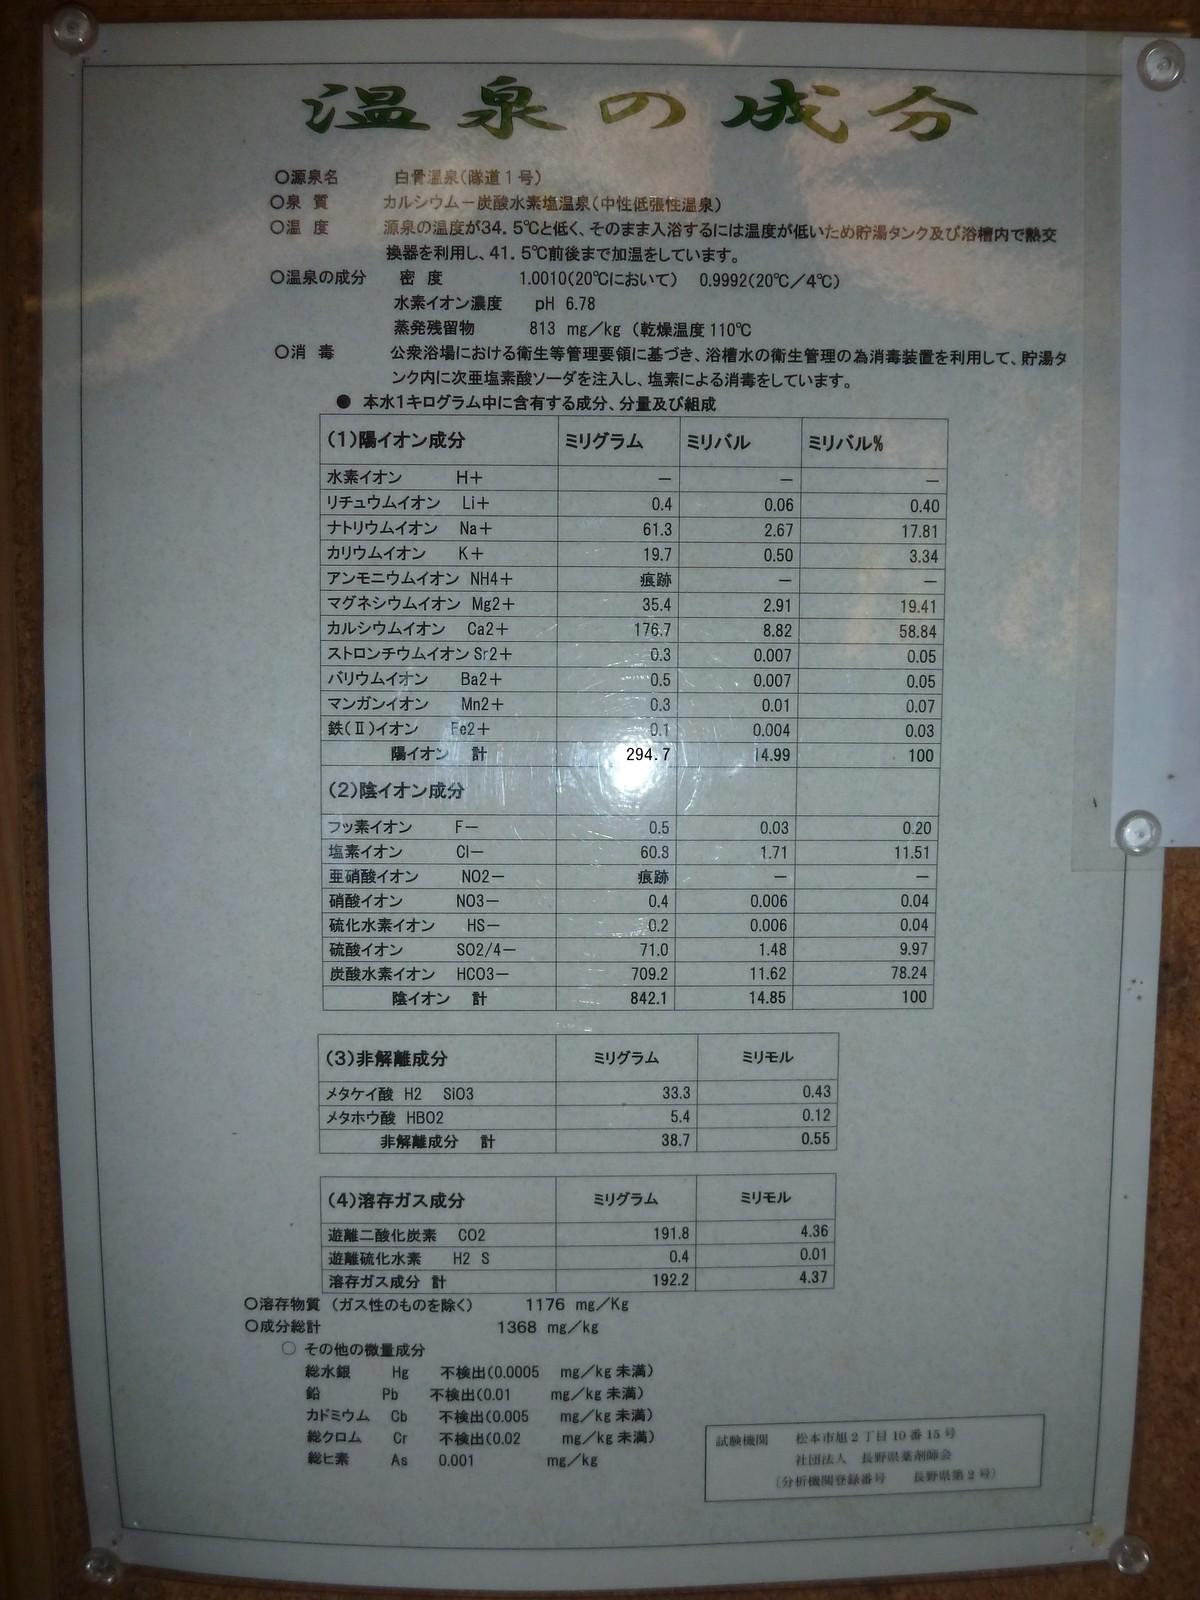 長野県 白骨温泉 公共野天風呂 : 共同浴場DATA